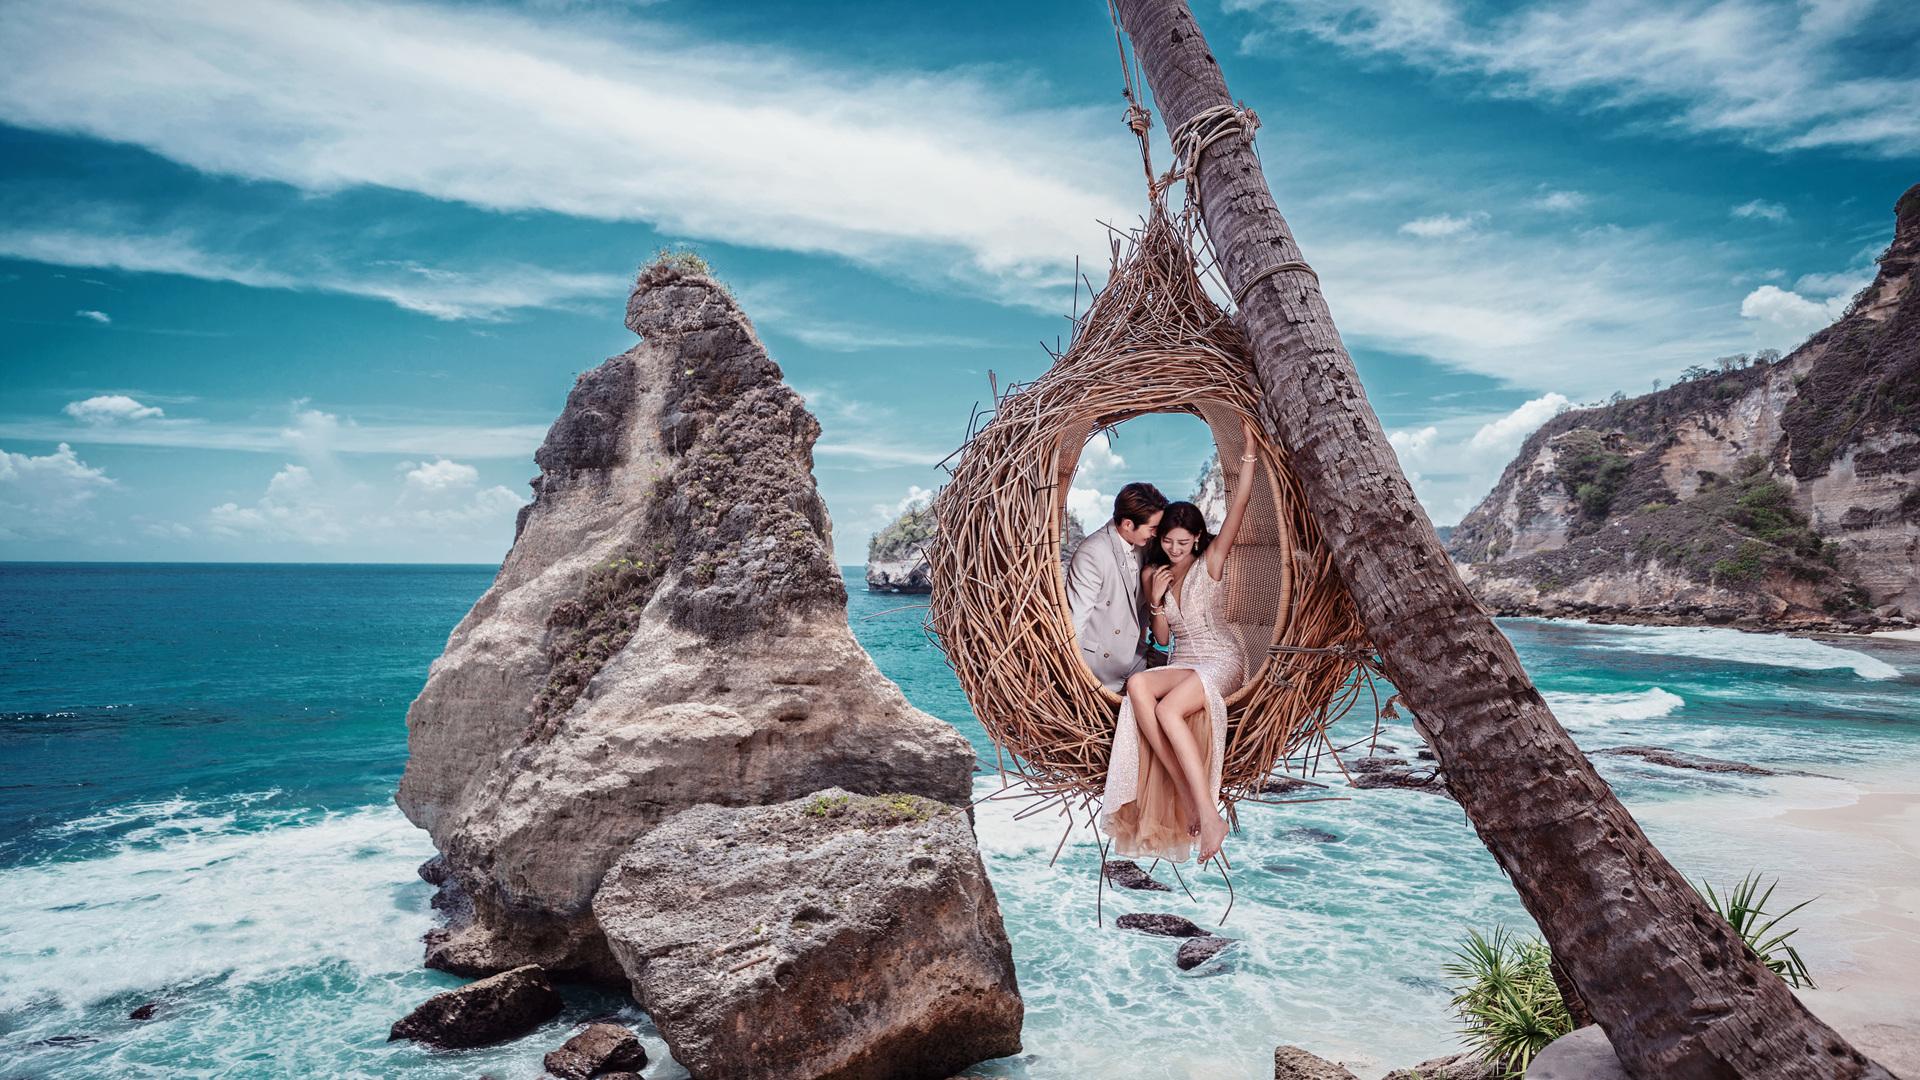 海景婚纱照怎么拍出大片感 厦门海景婚纱照拍摄技巧分享